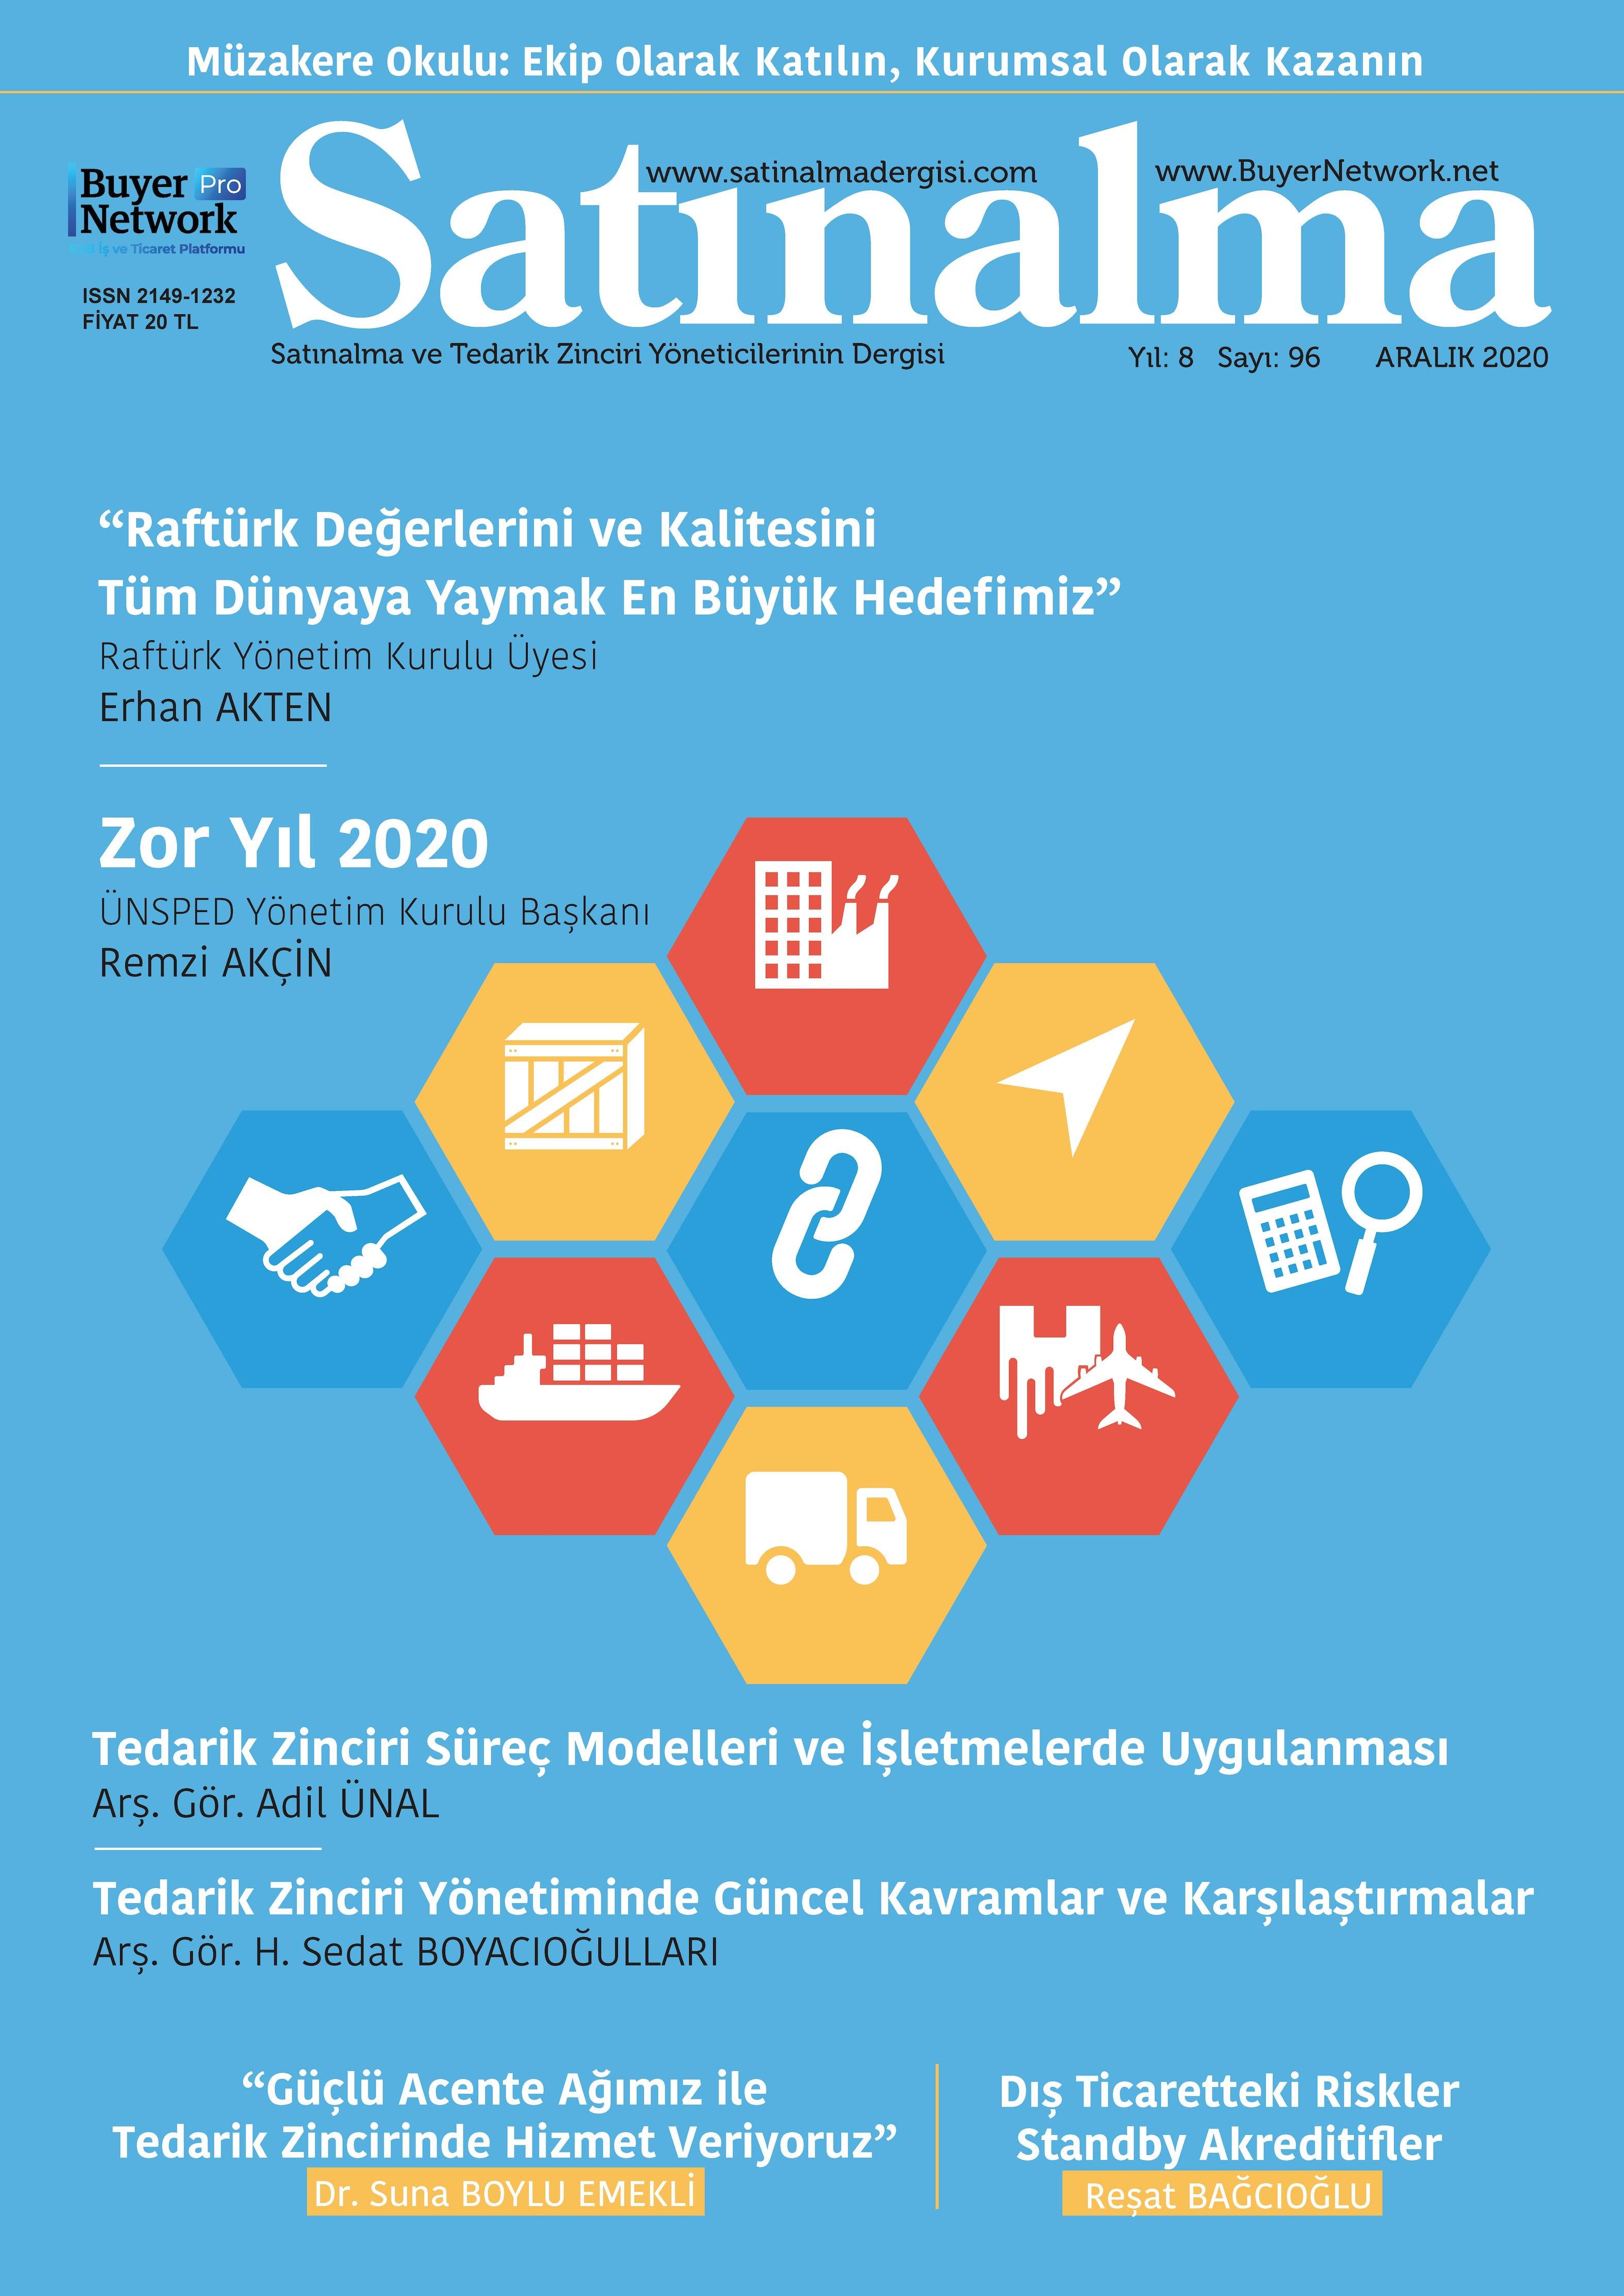 Satınalma Dergisi Aralık 2020 Sayısı Öğrenme Merkezinde